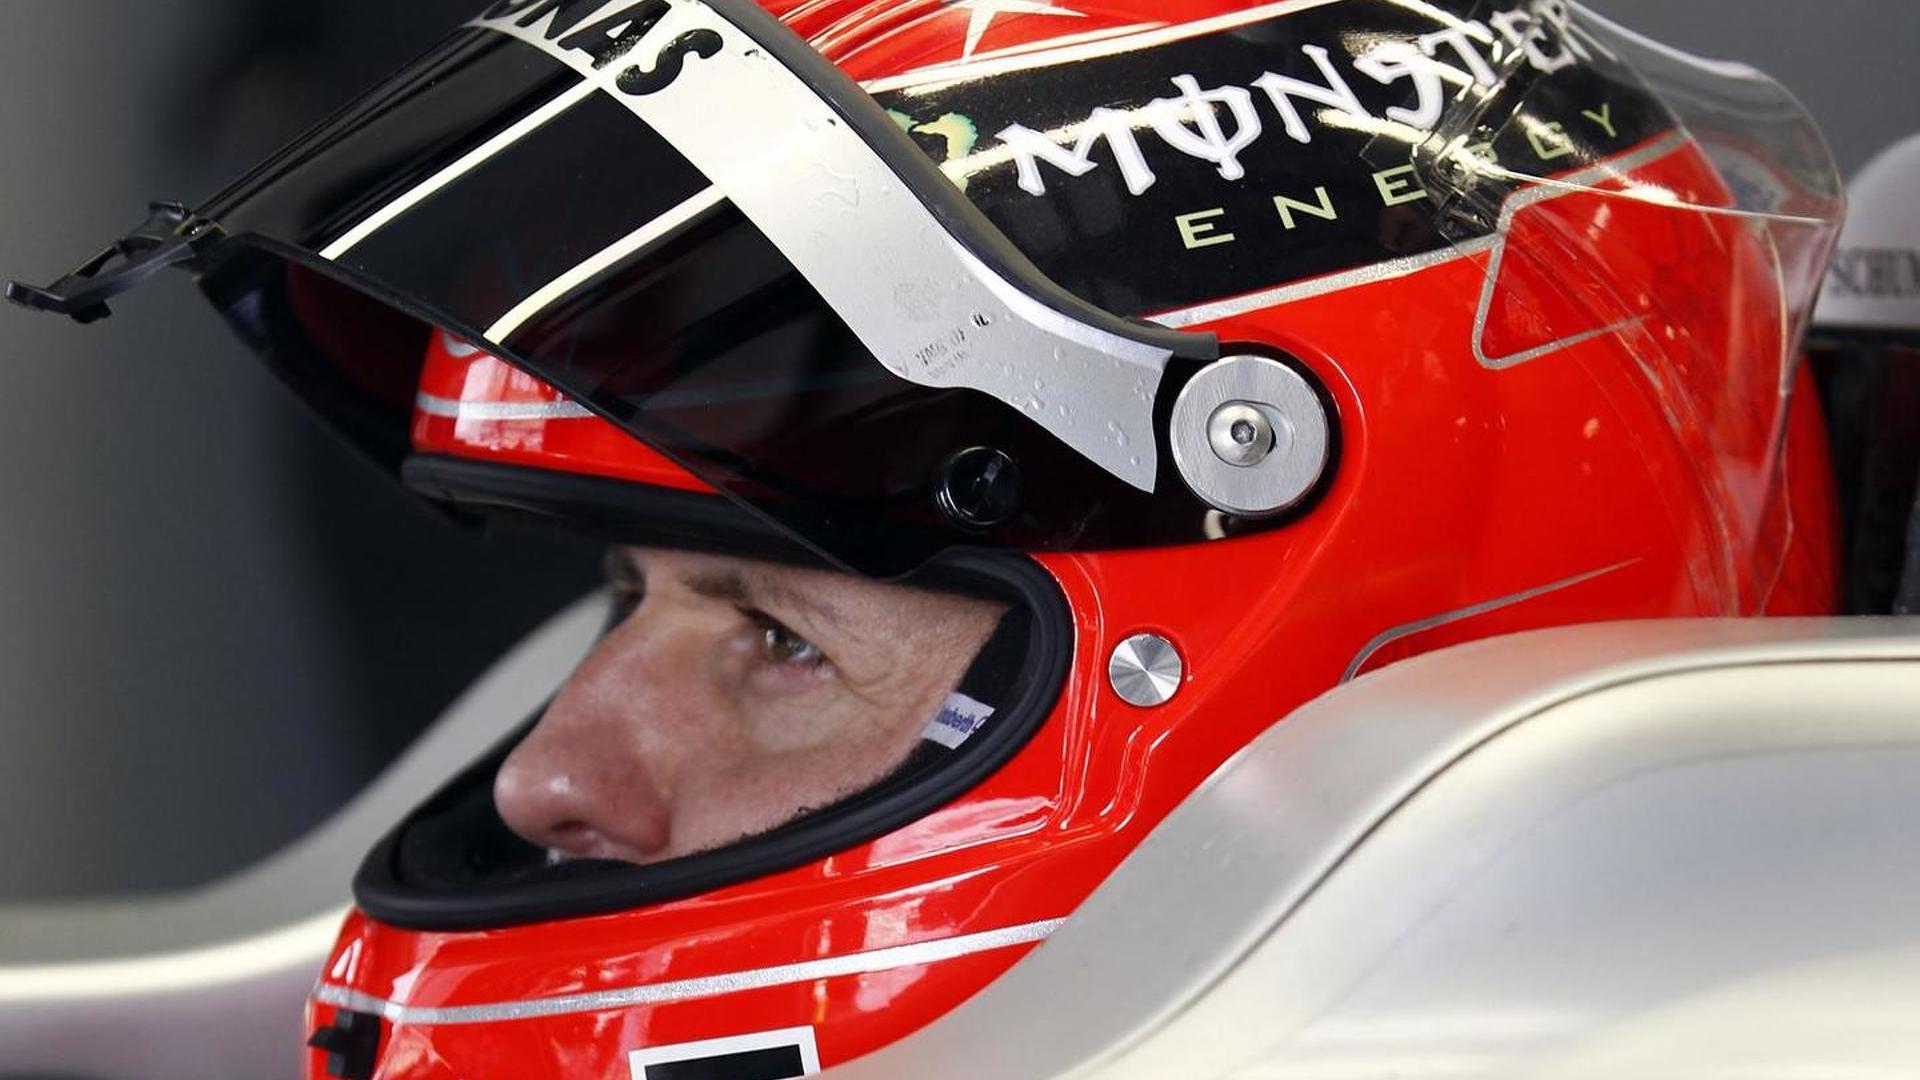 Schu lacks energy to return to top form - Hakkinen